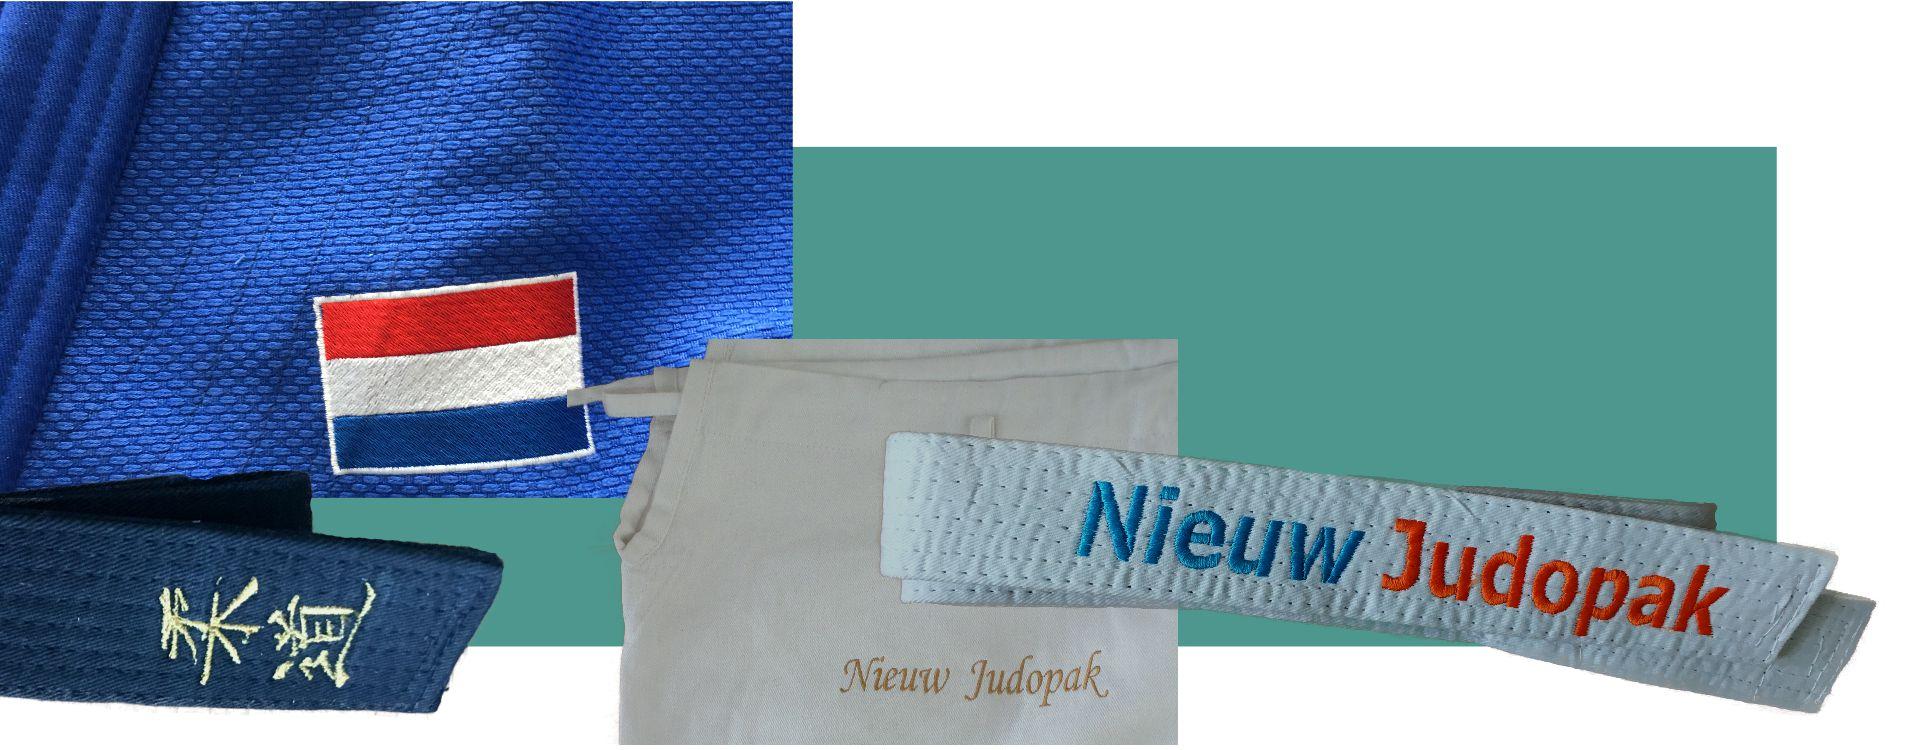 https://nieuwjudopak.nl/wp-content/uploads/2017/03/shop-home-gallery-banner-borduurservice-Nieuw-Judopak.jpg